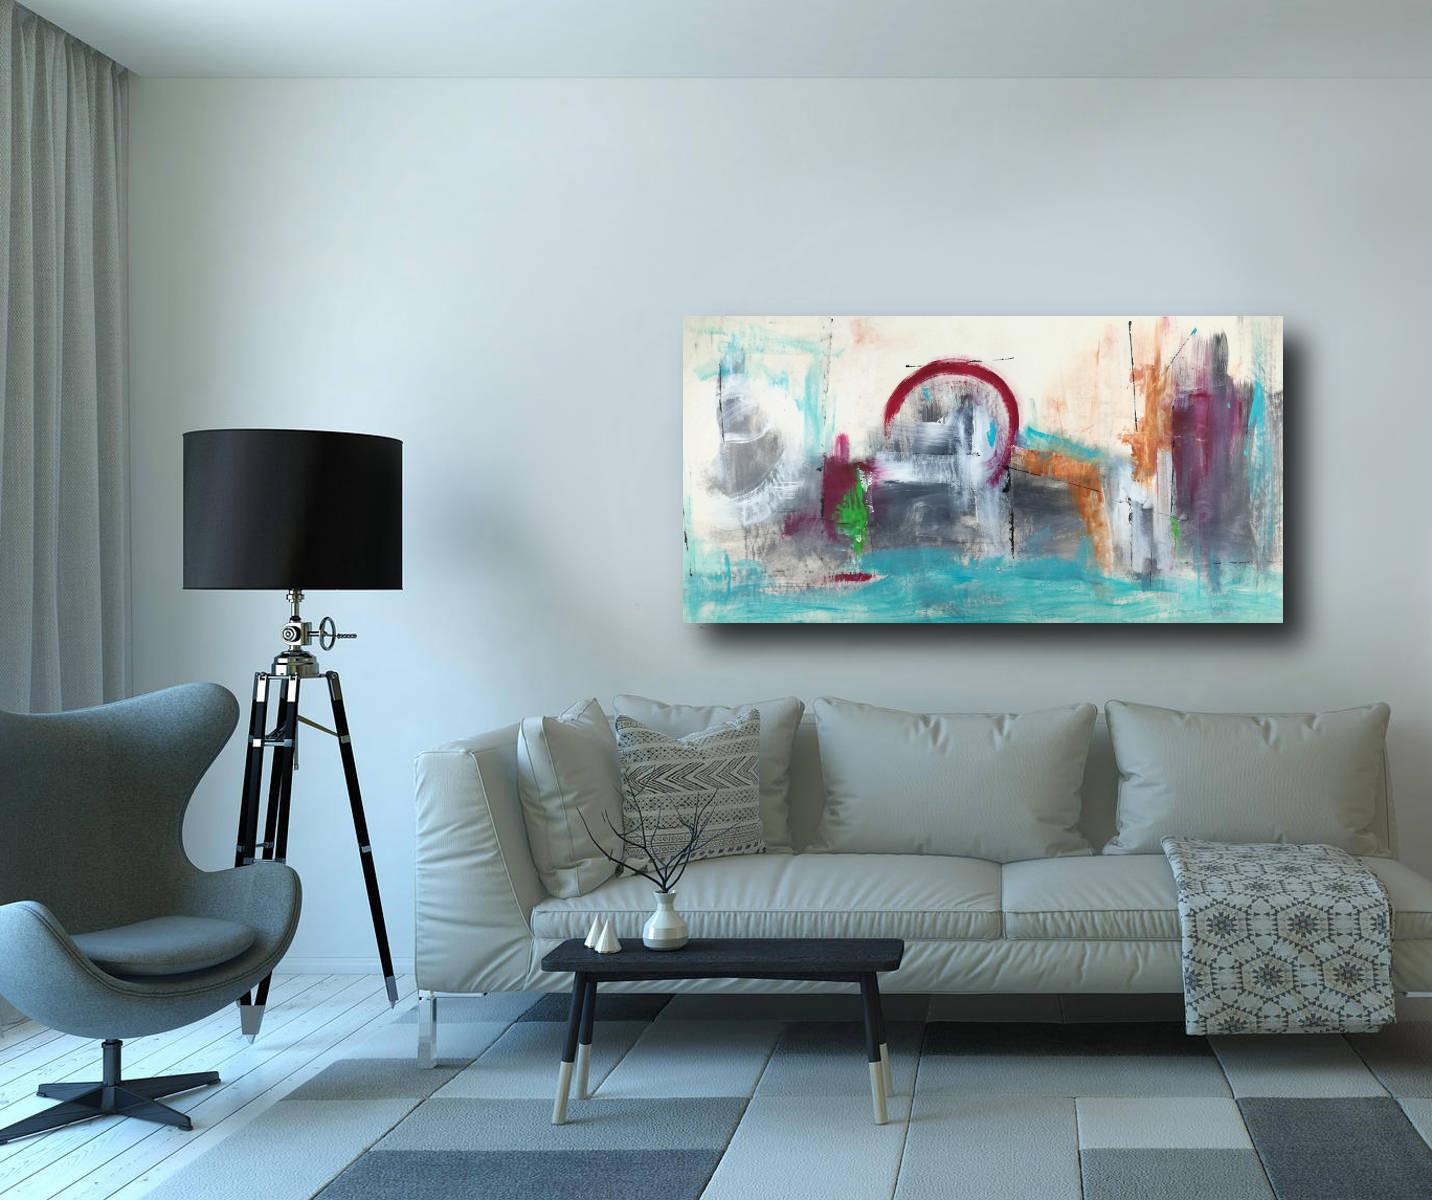 quadri astratti per soggiorno moderno 120x60  sauro bos